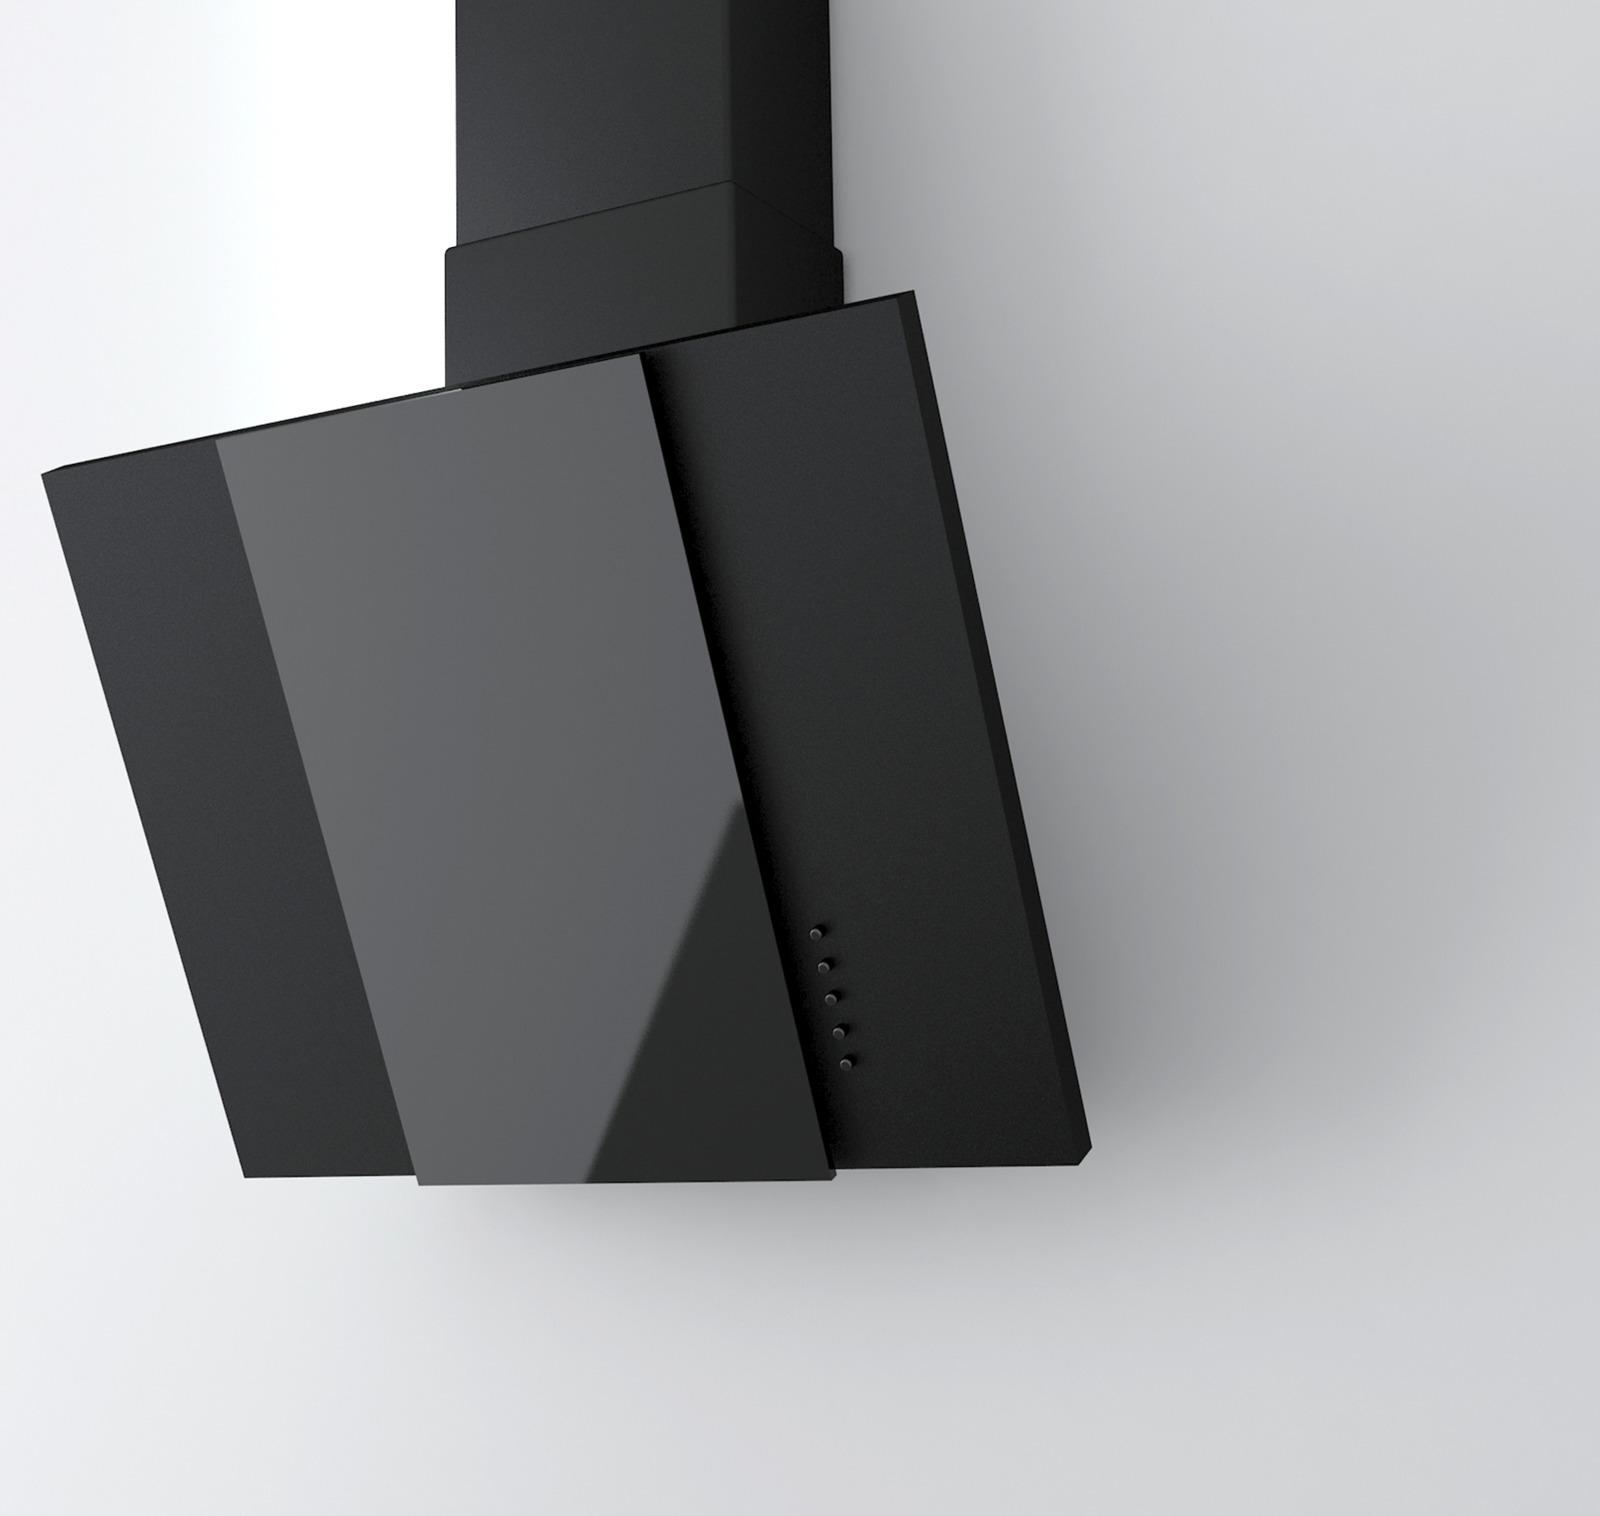 Вытяжка каминная Lex ORI 600, черный вытяжка lex vintage 600 ivory